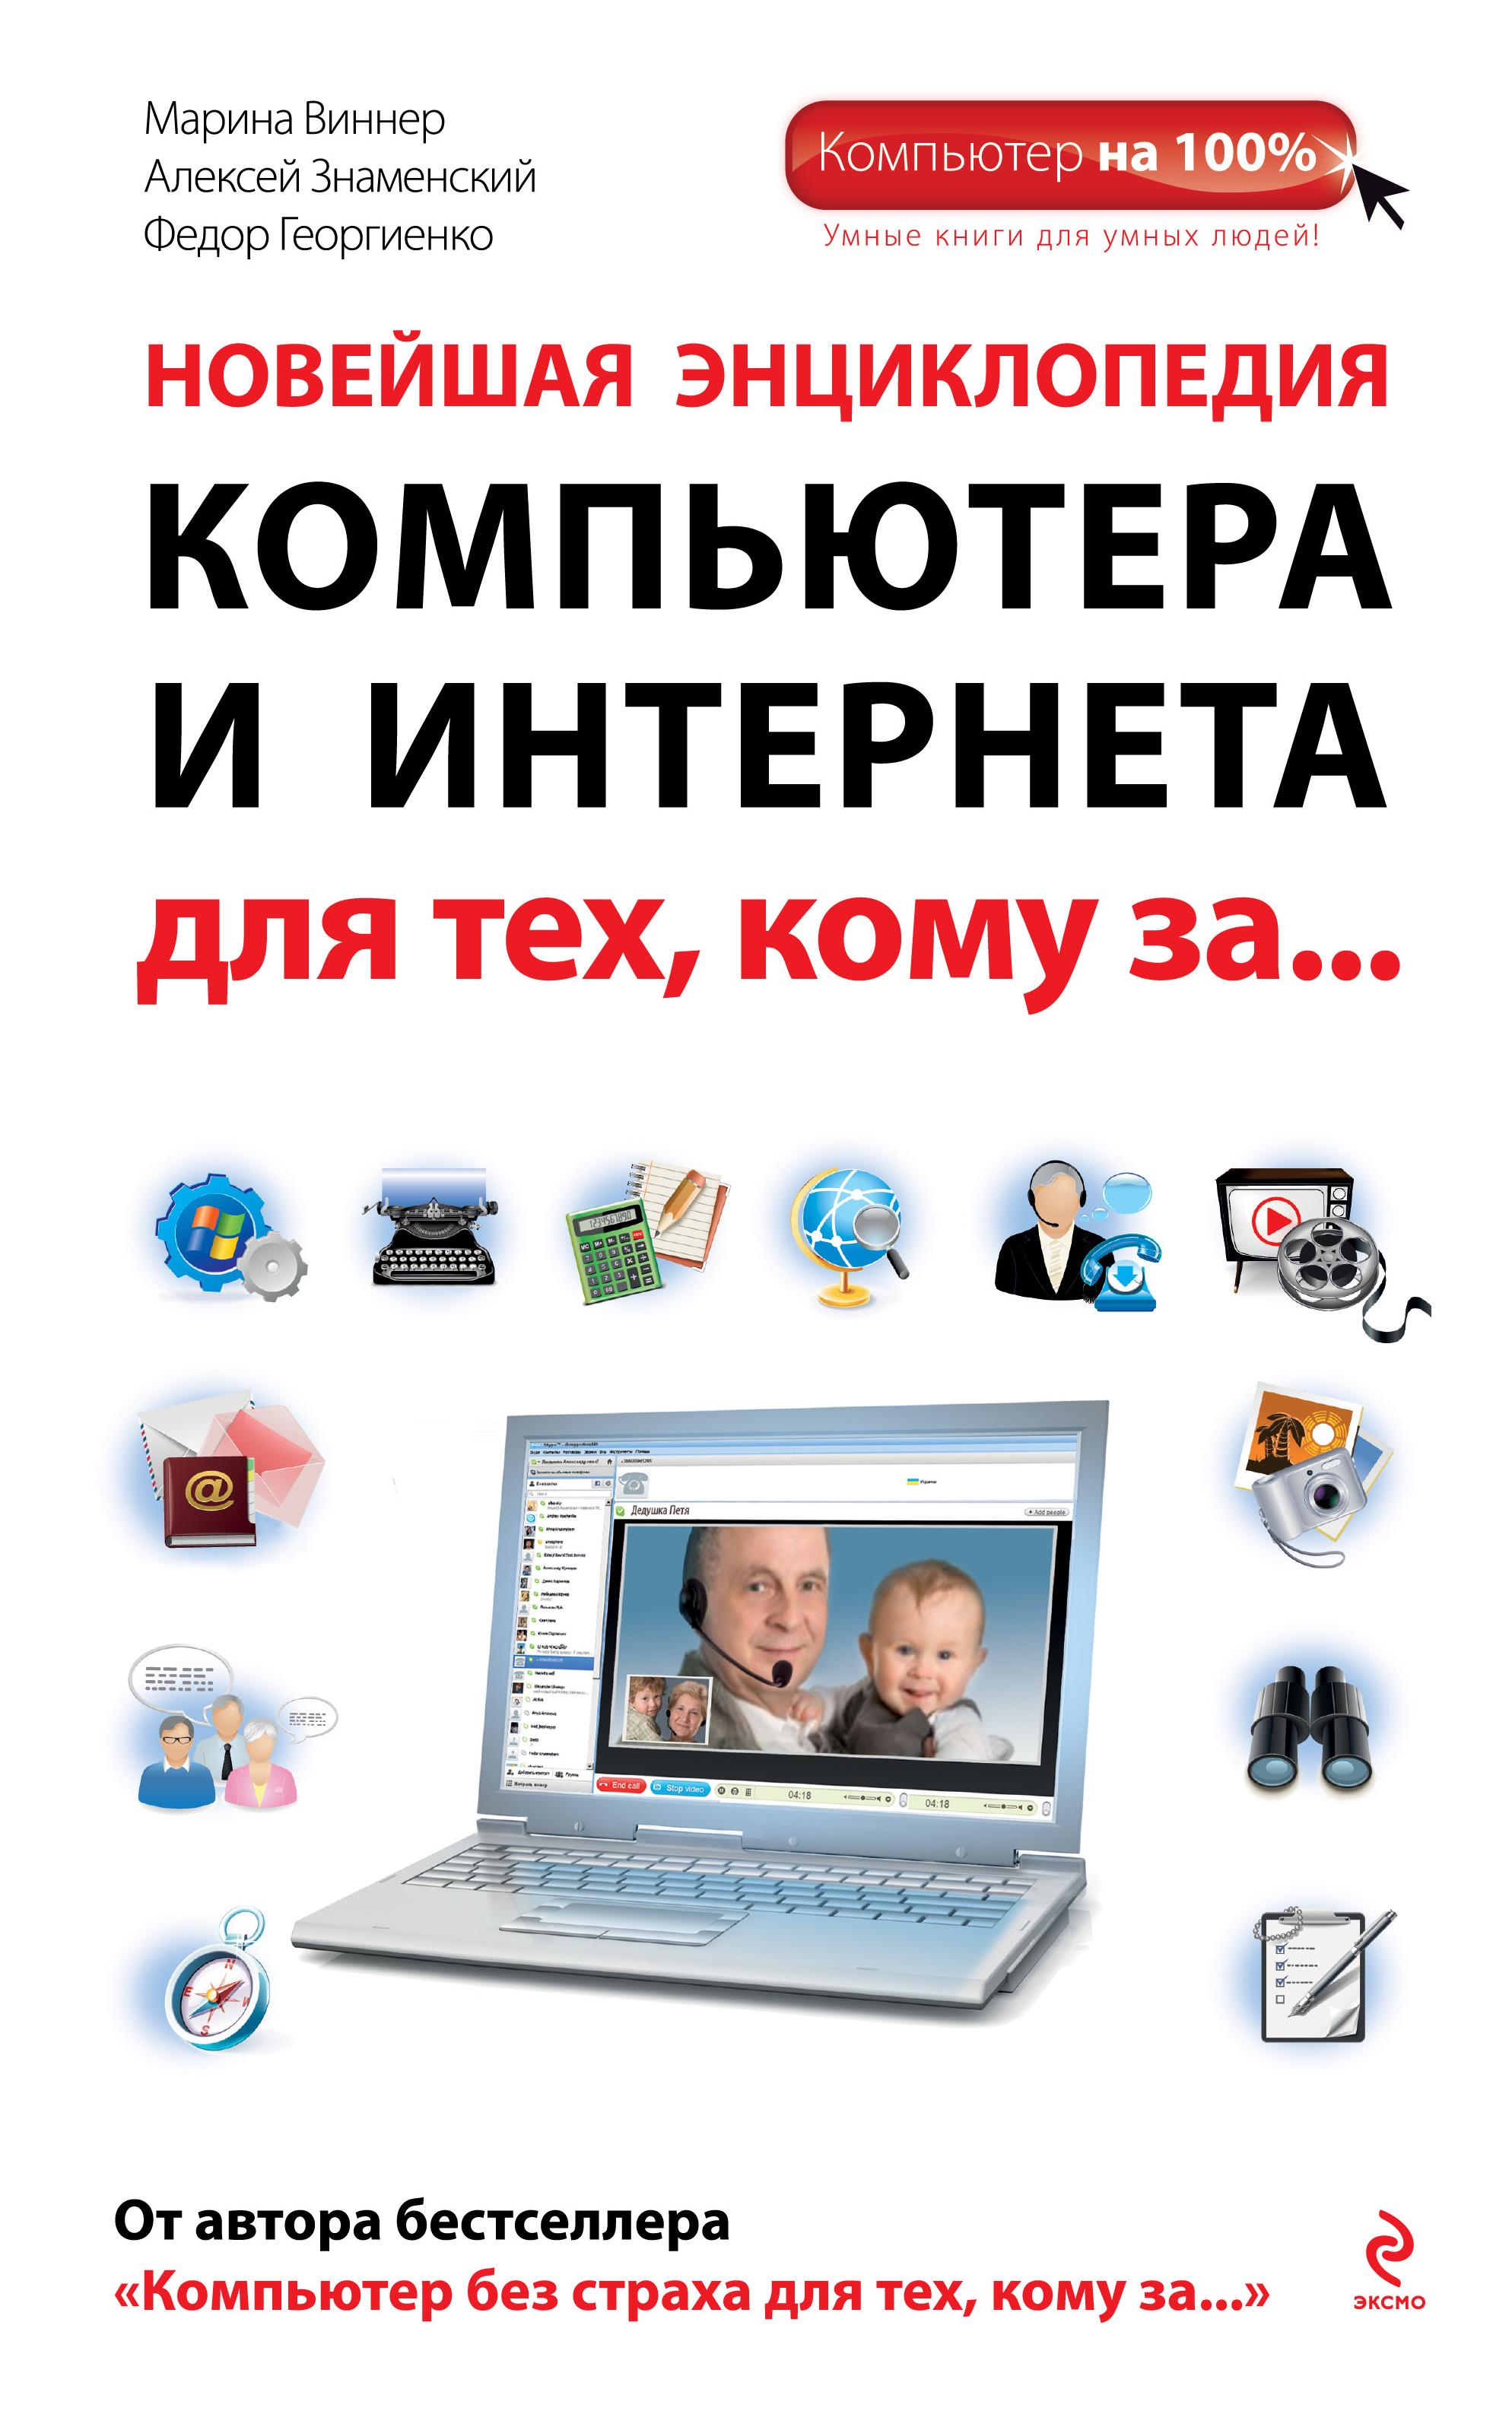 Новейшая энциклопедия компьютера и интернета для тех, кому за...